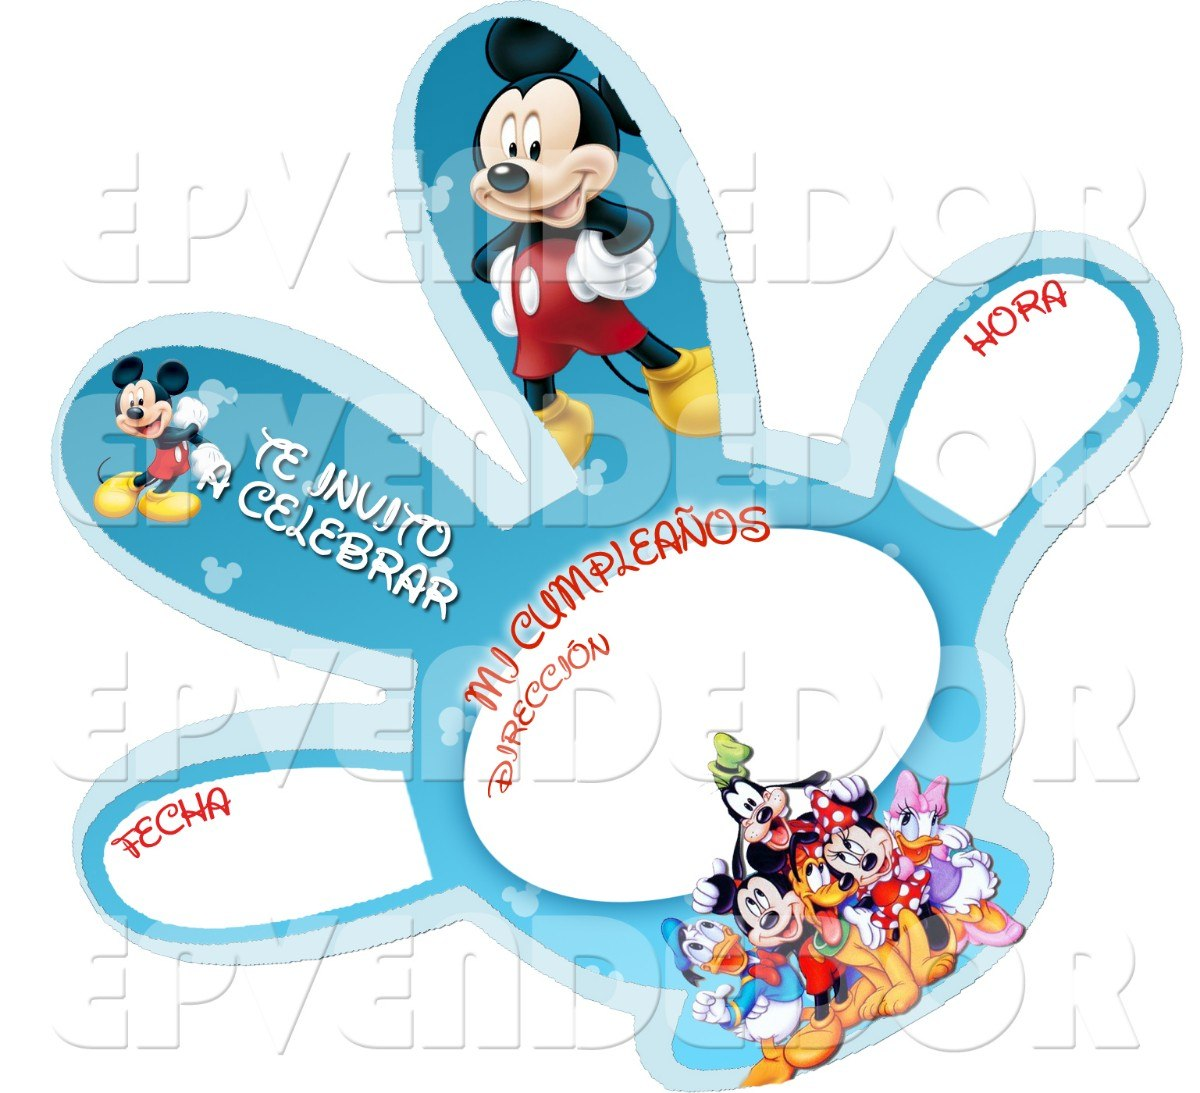 Tarjetas de invitacion mickey mouse invitaciones - Dibujos infantiles originales ...